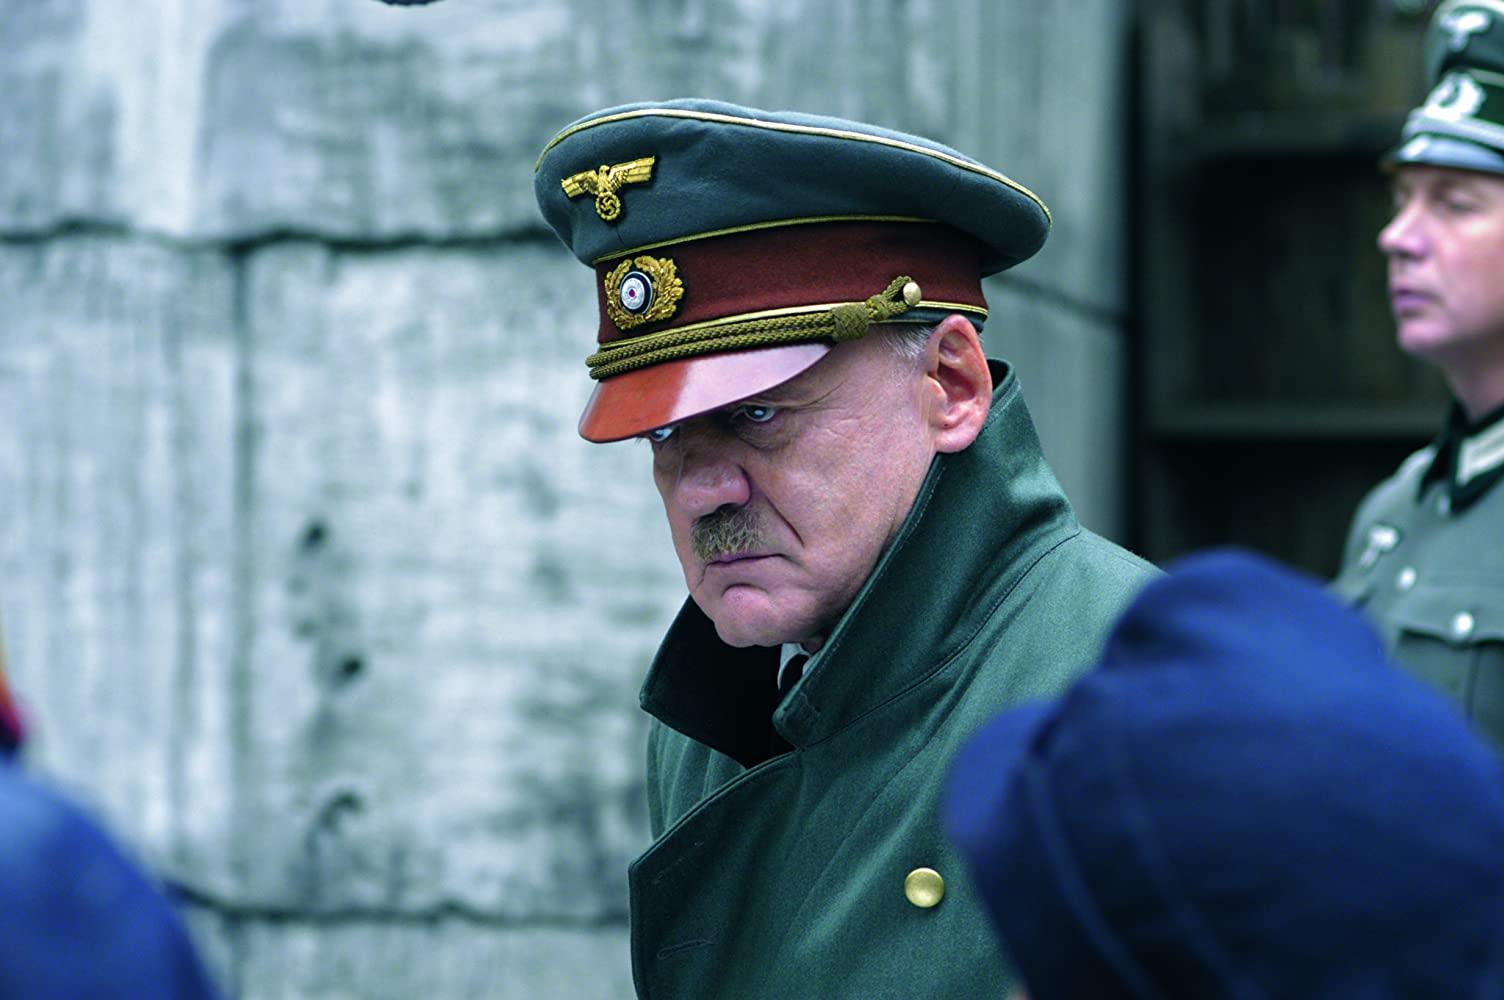 Bruno Ganz in Der Untergang (2004)